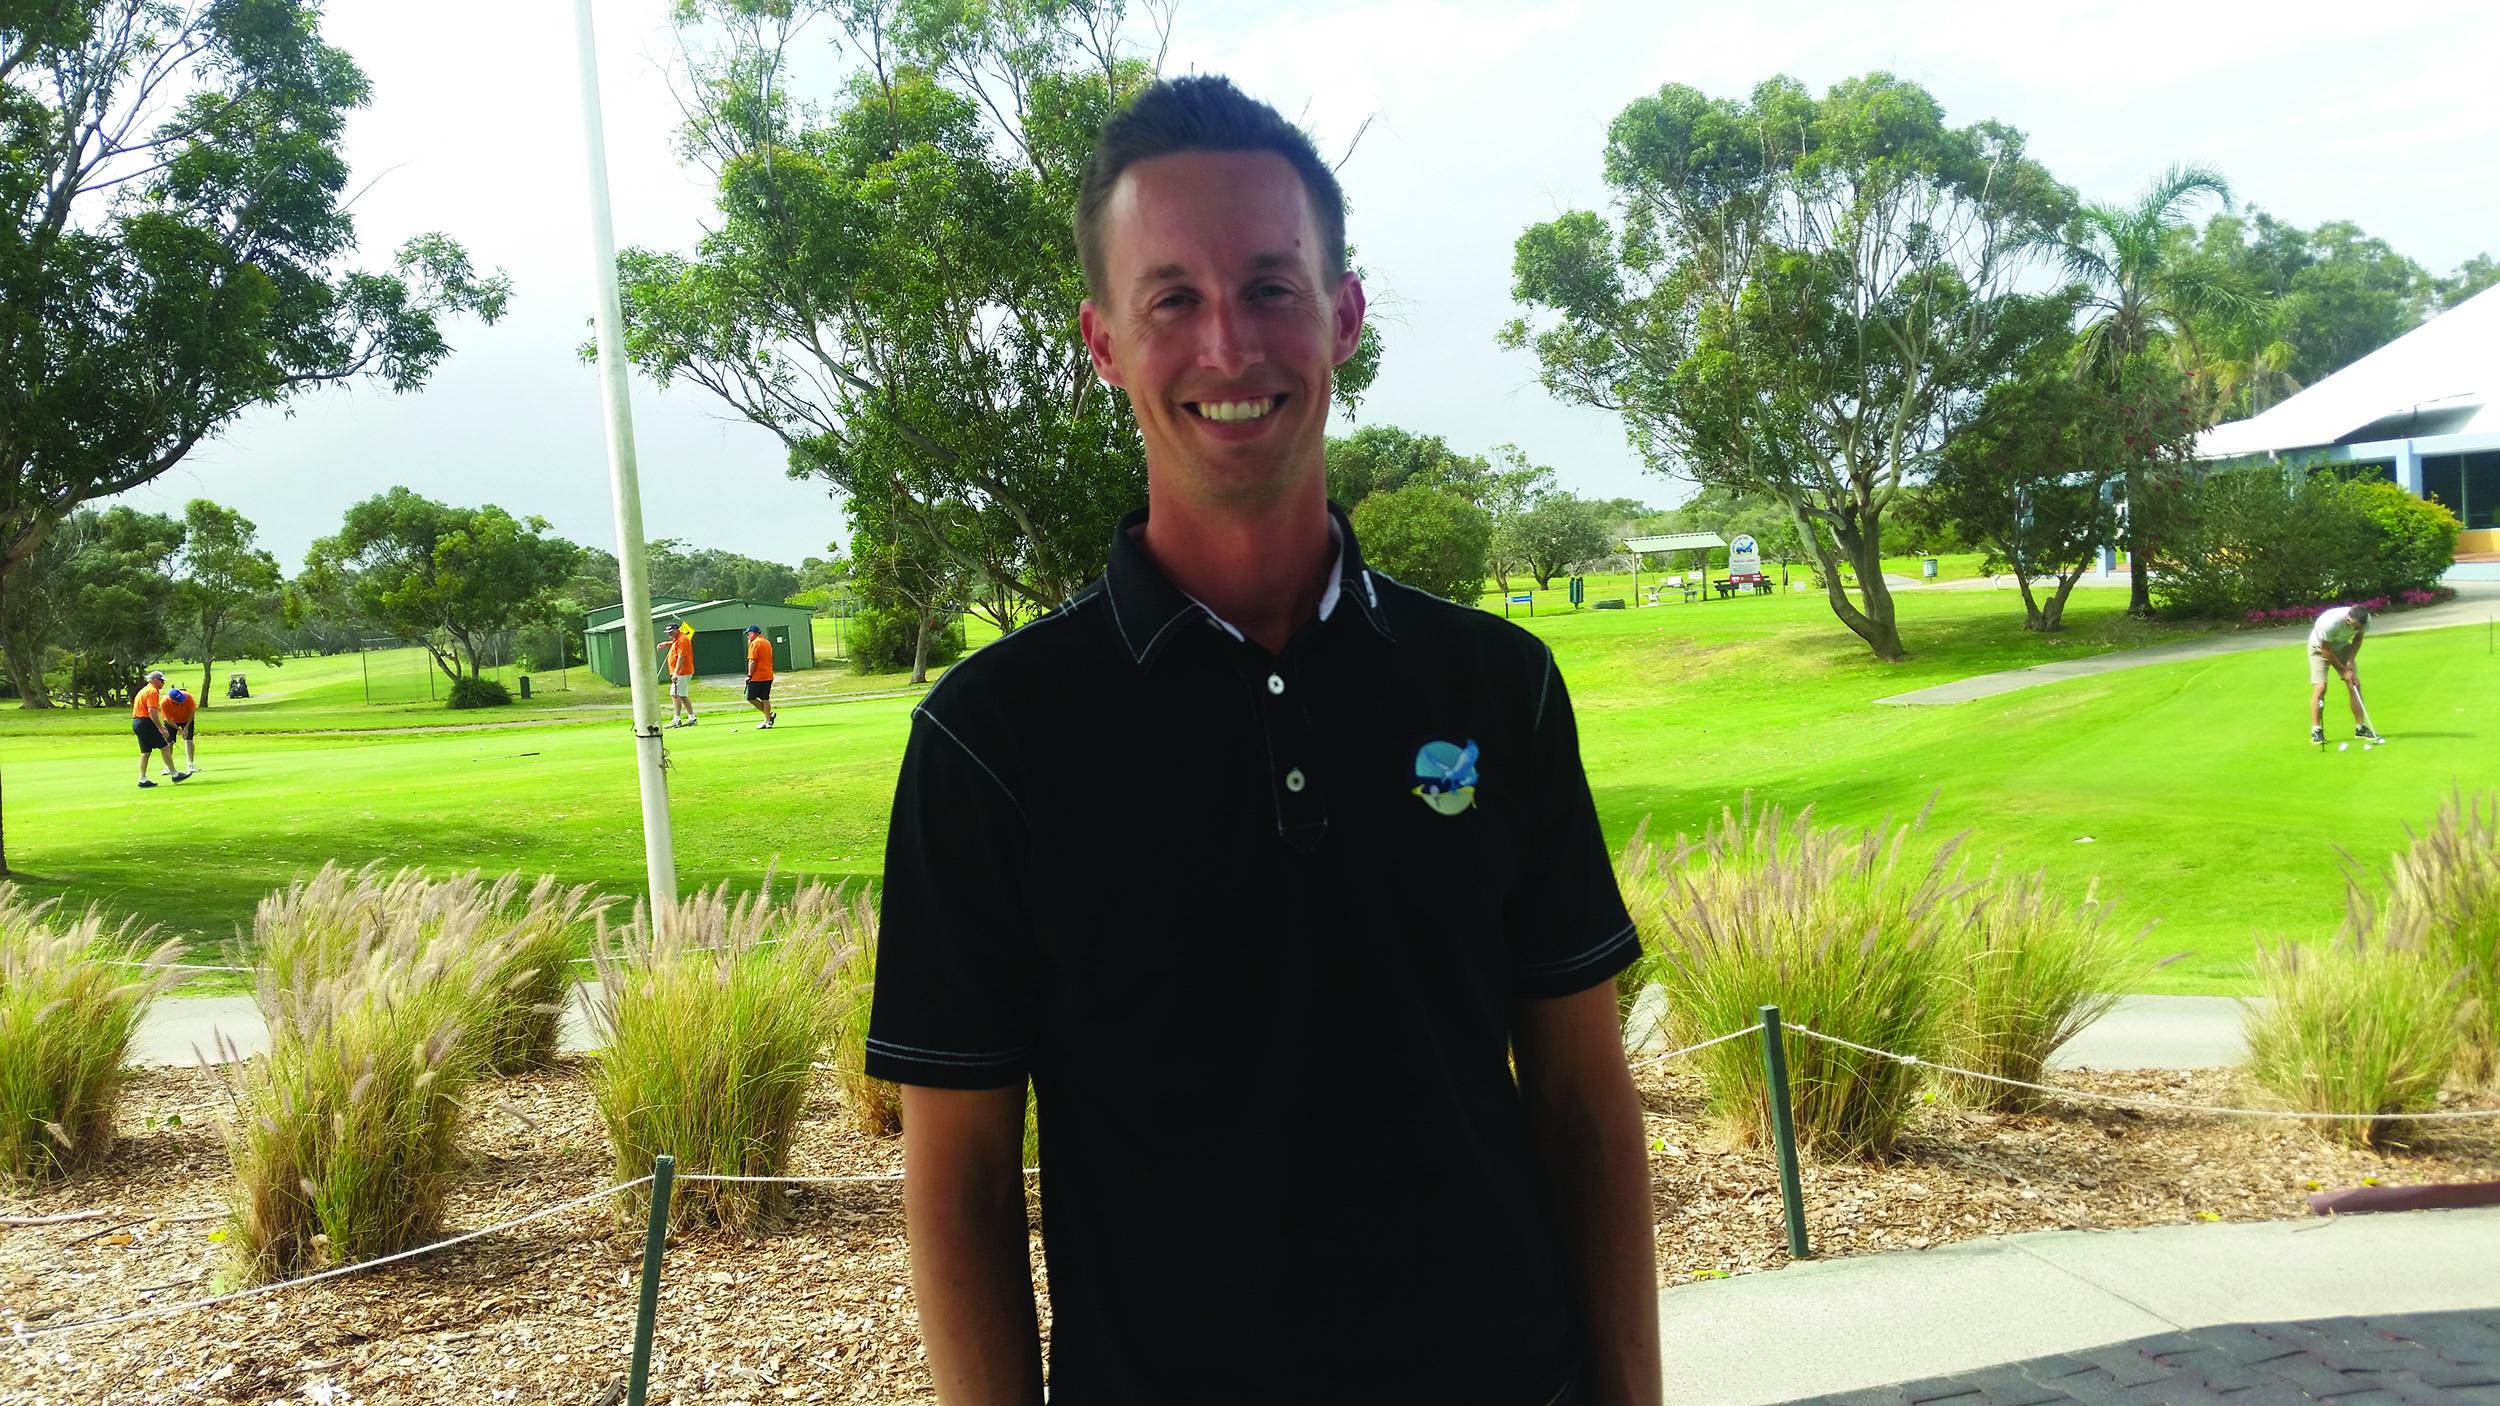 HAWKS NEST: Pro Golfer Andrew McCormack